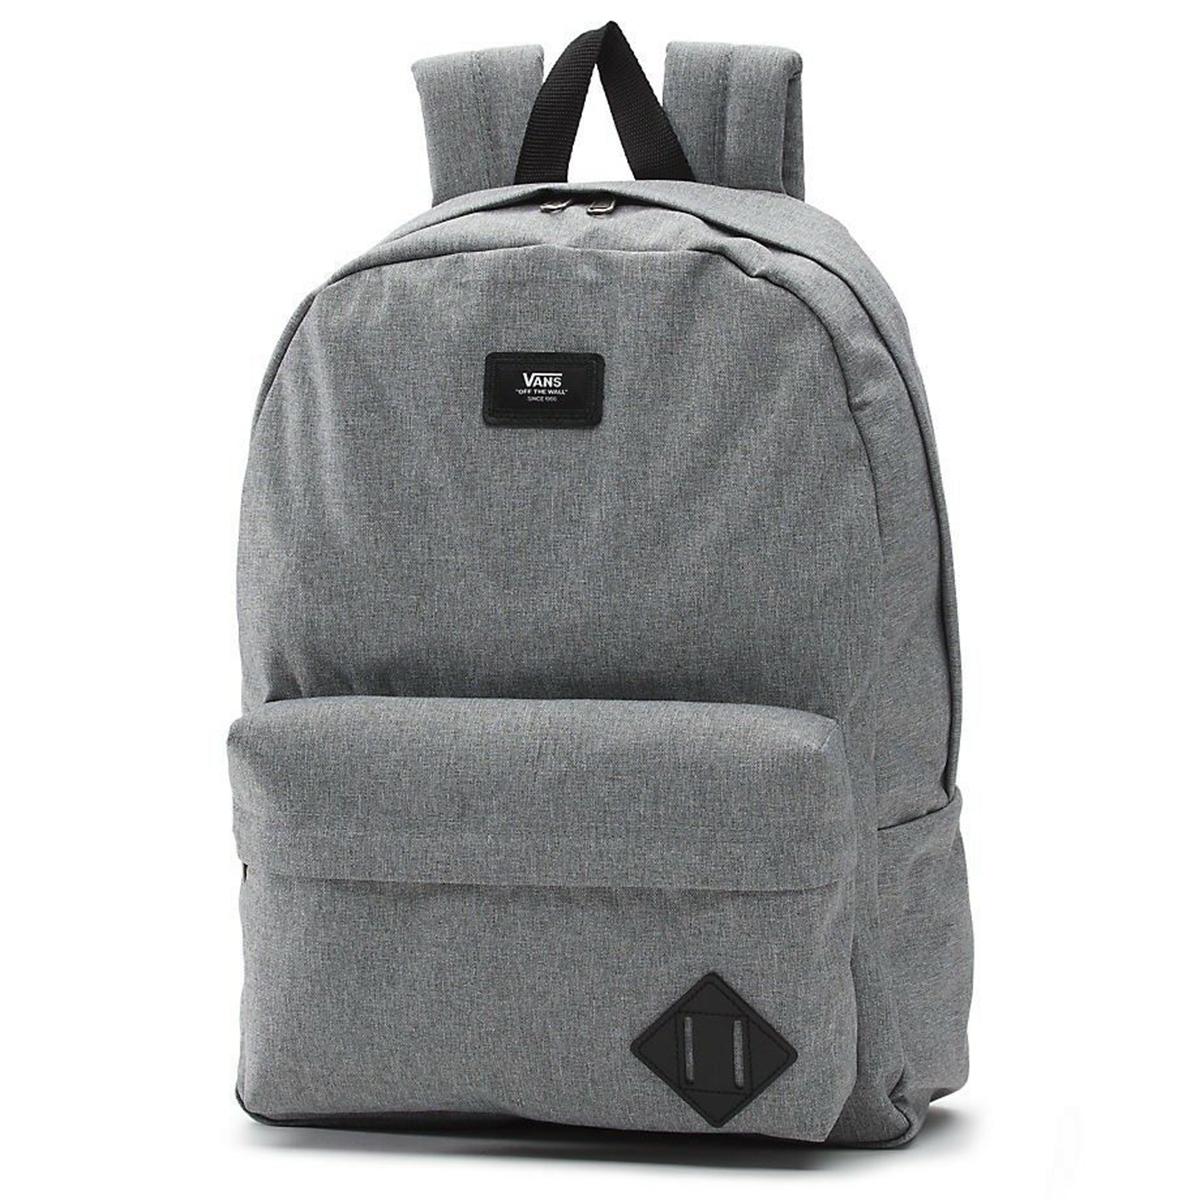 VANS Old Skool II Backpack grau Rucksack Marke Vans 42-43